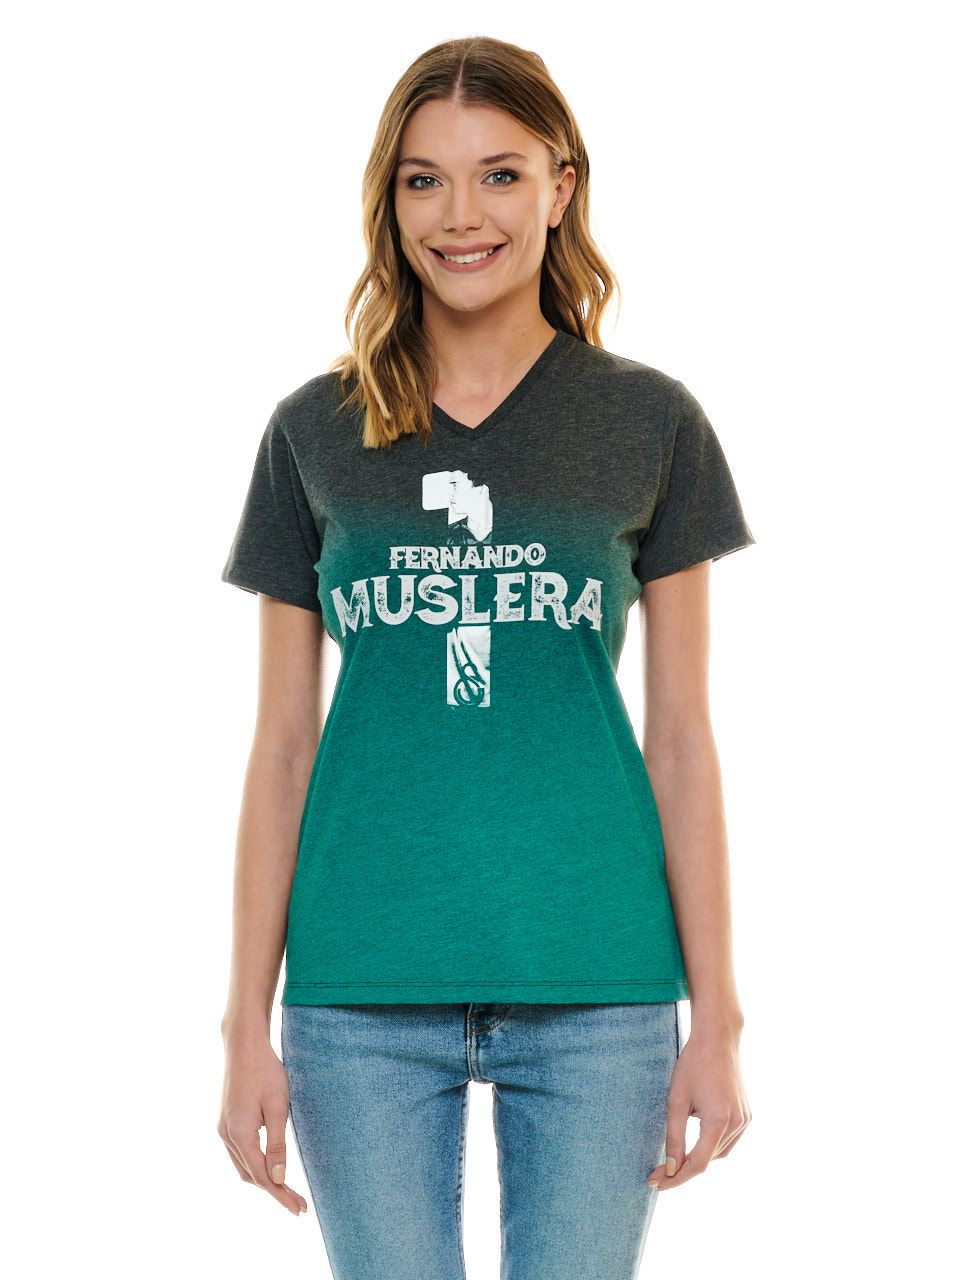 Galatasaray Muslera Kadın T-Shirt K202260